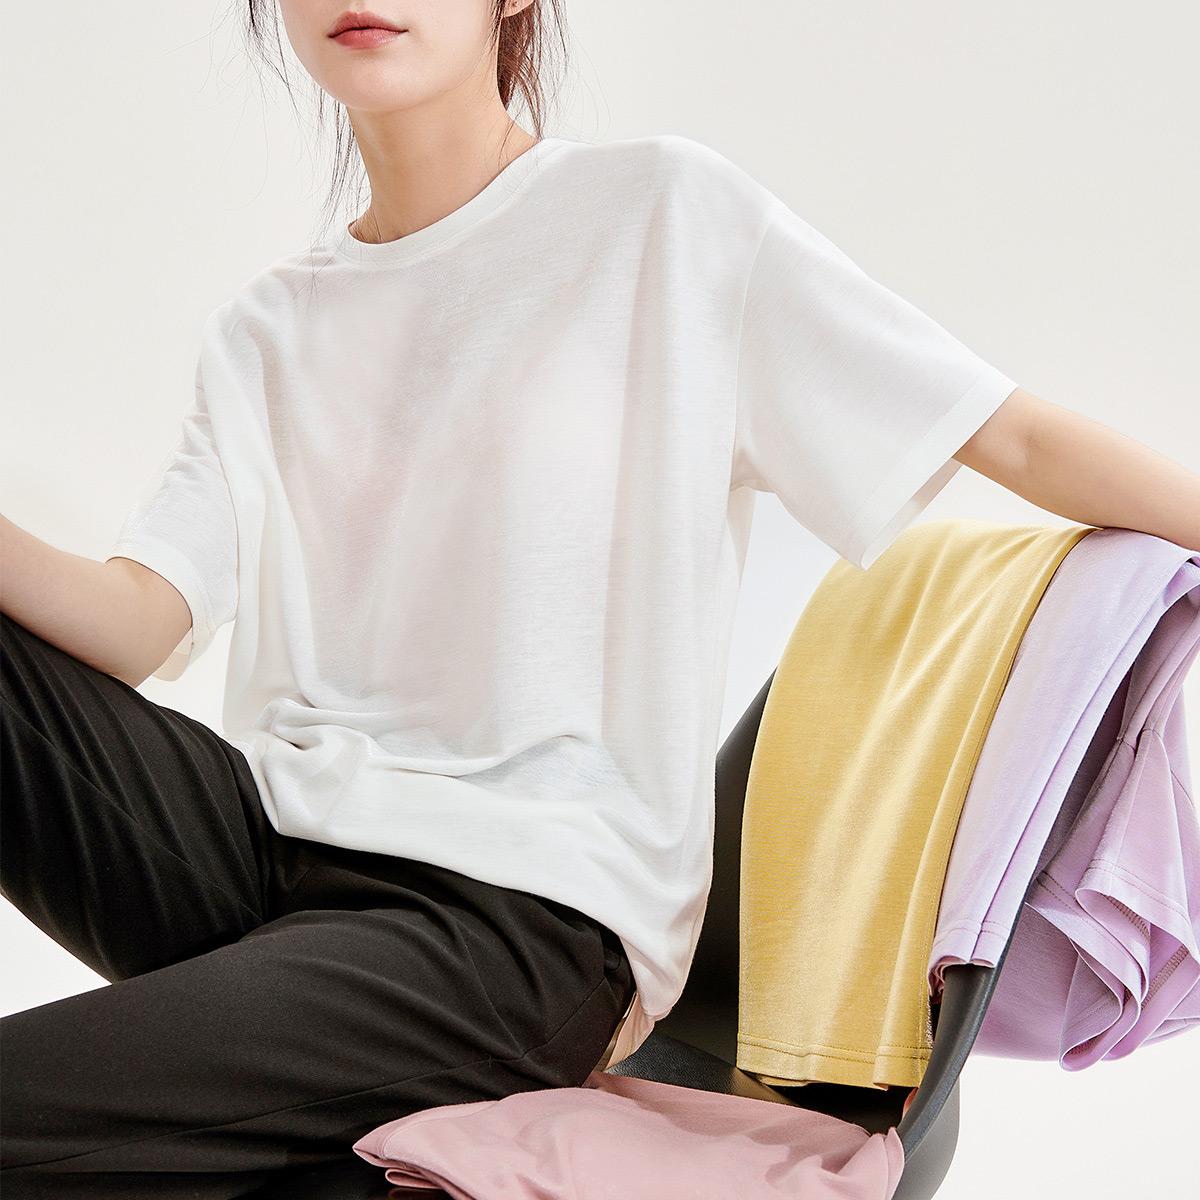 乐刻2020夏装新款女式t恤时尚金银丝短袖t恤领口防变形多色短袖